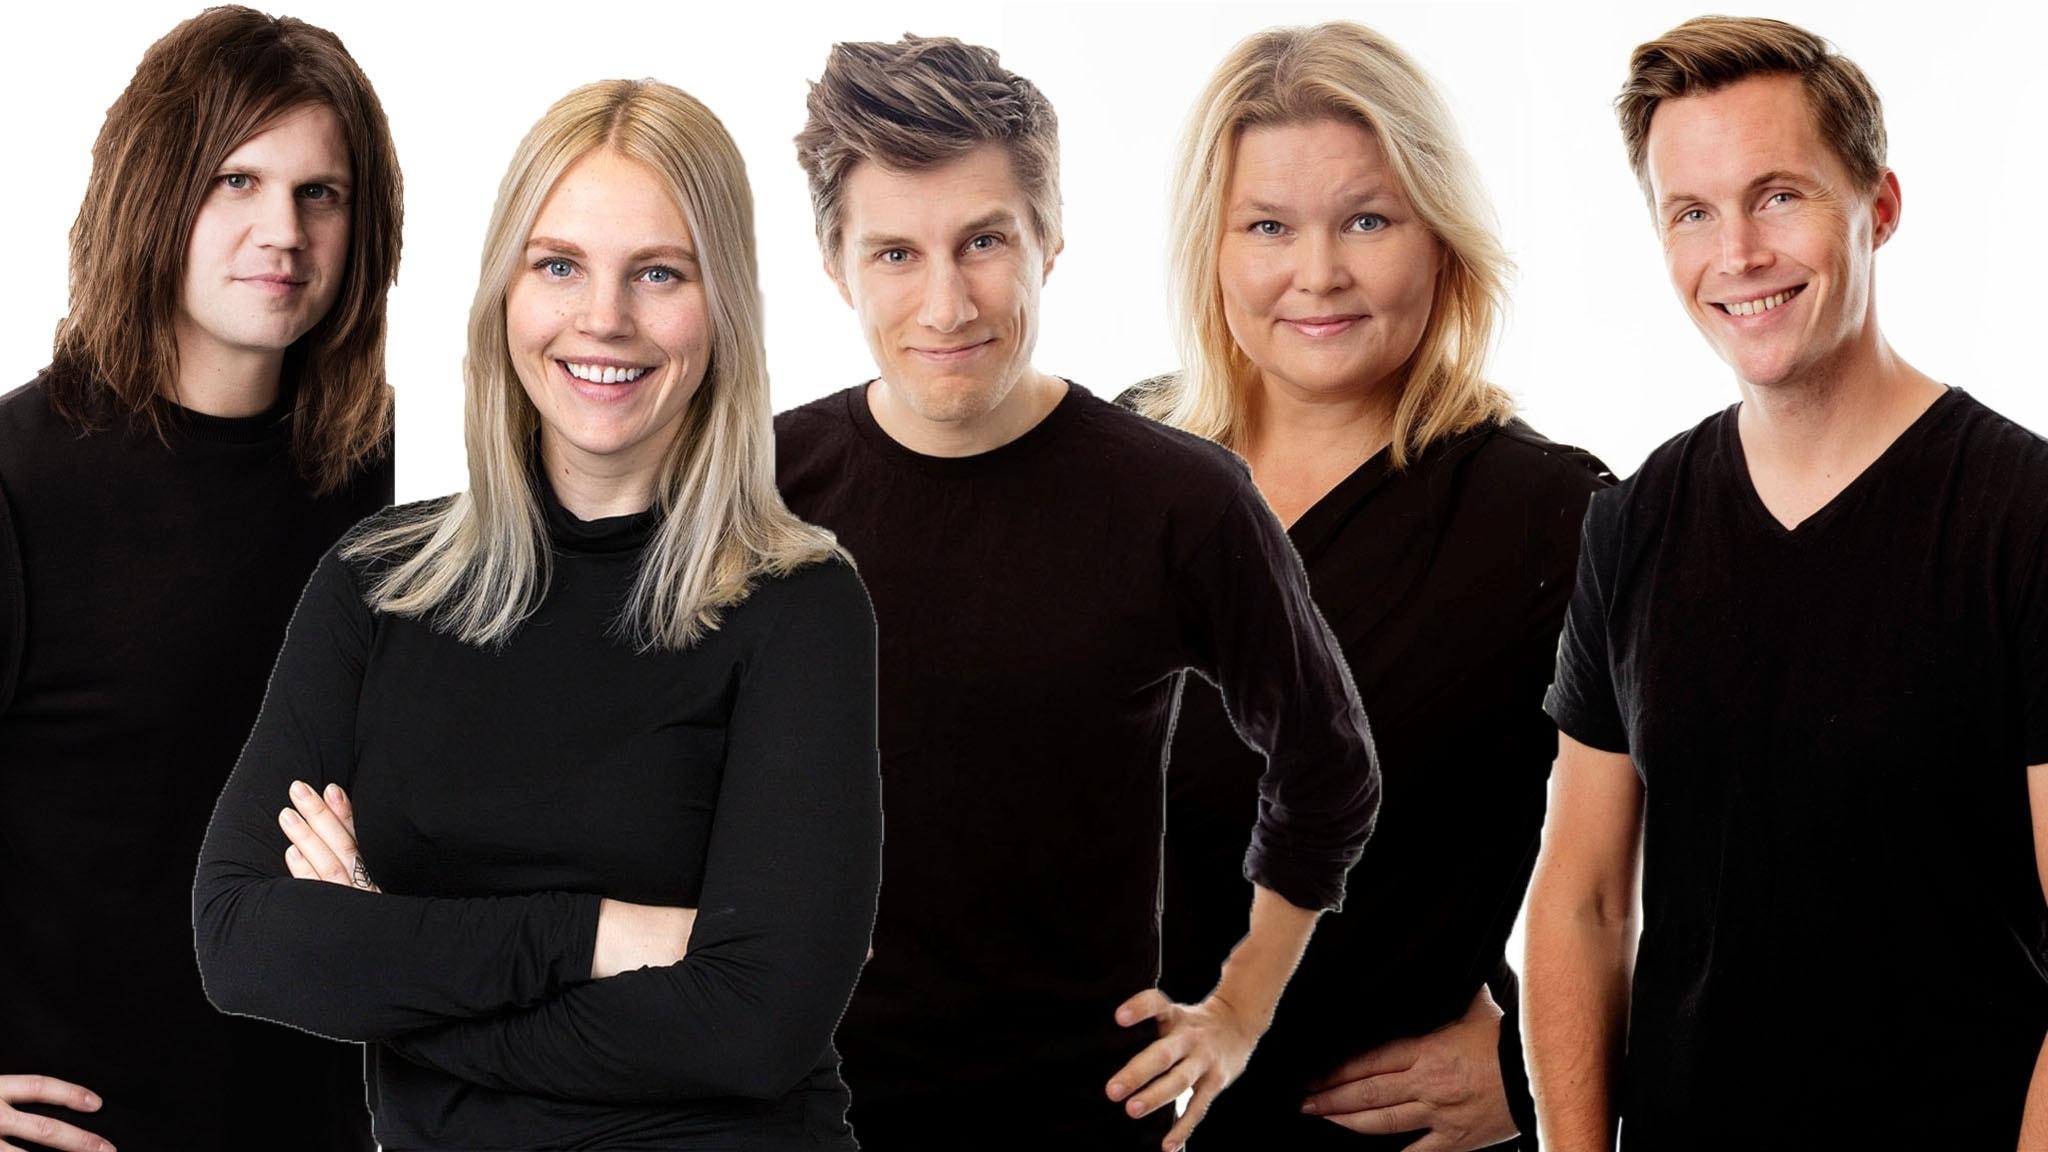 Med Robert Bendtlinder och Carolin Björnerhag - spela